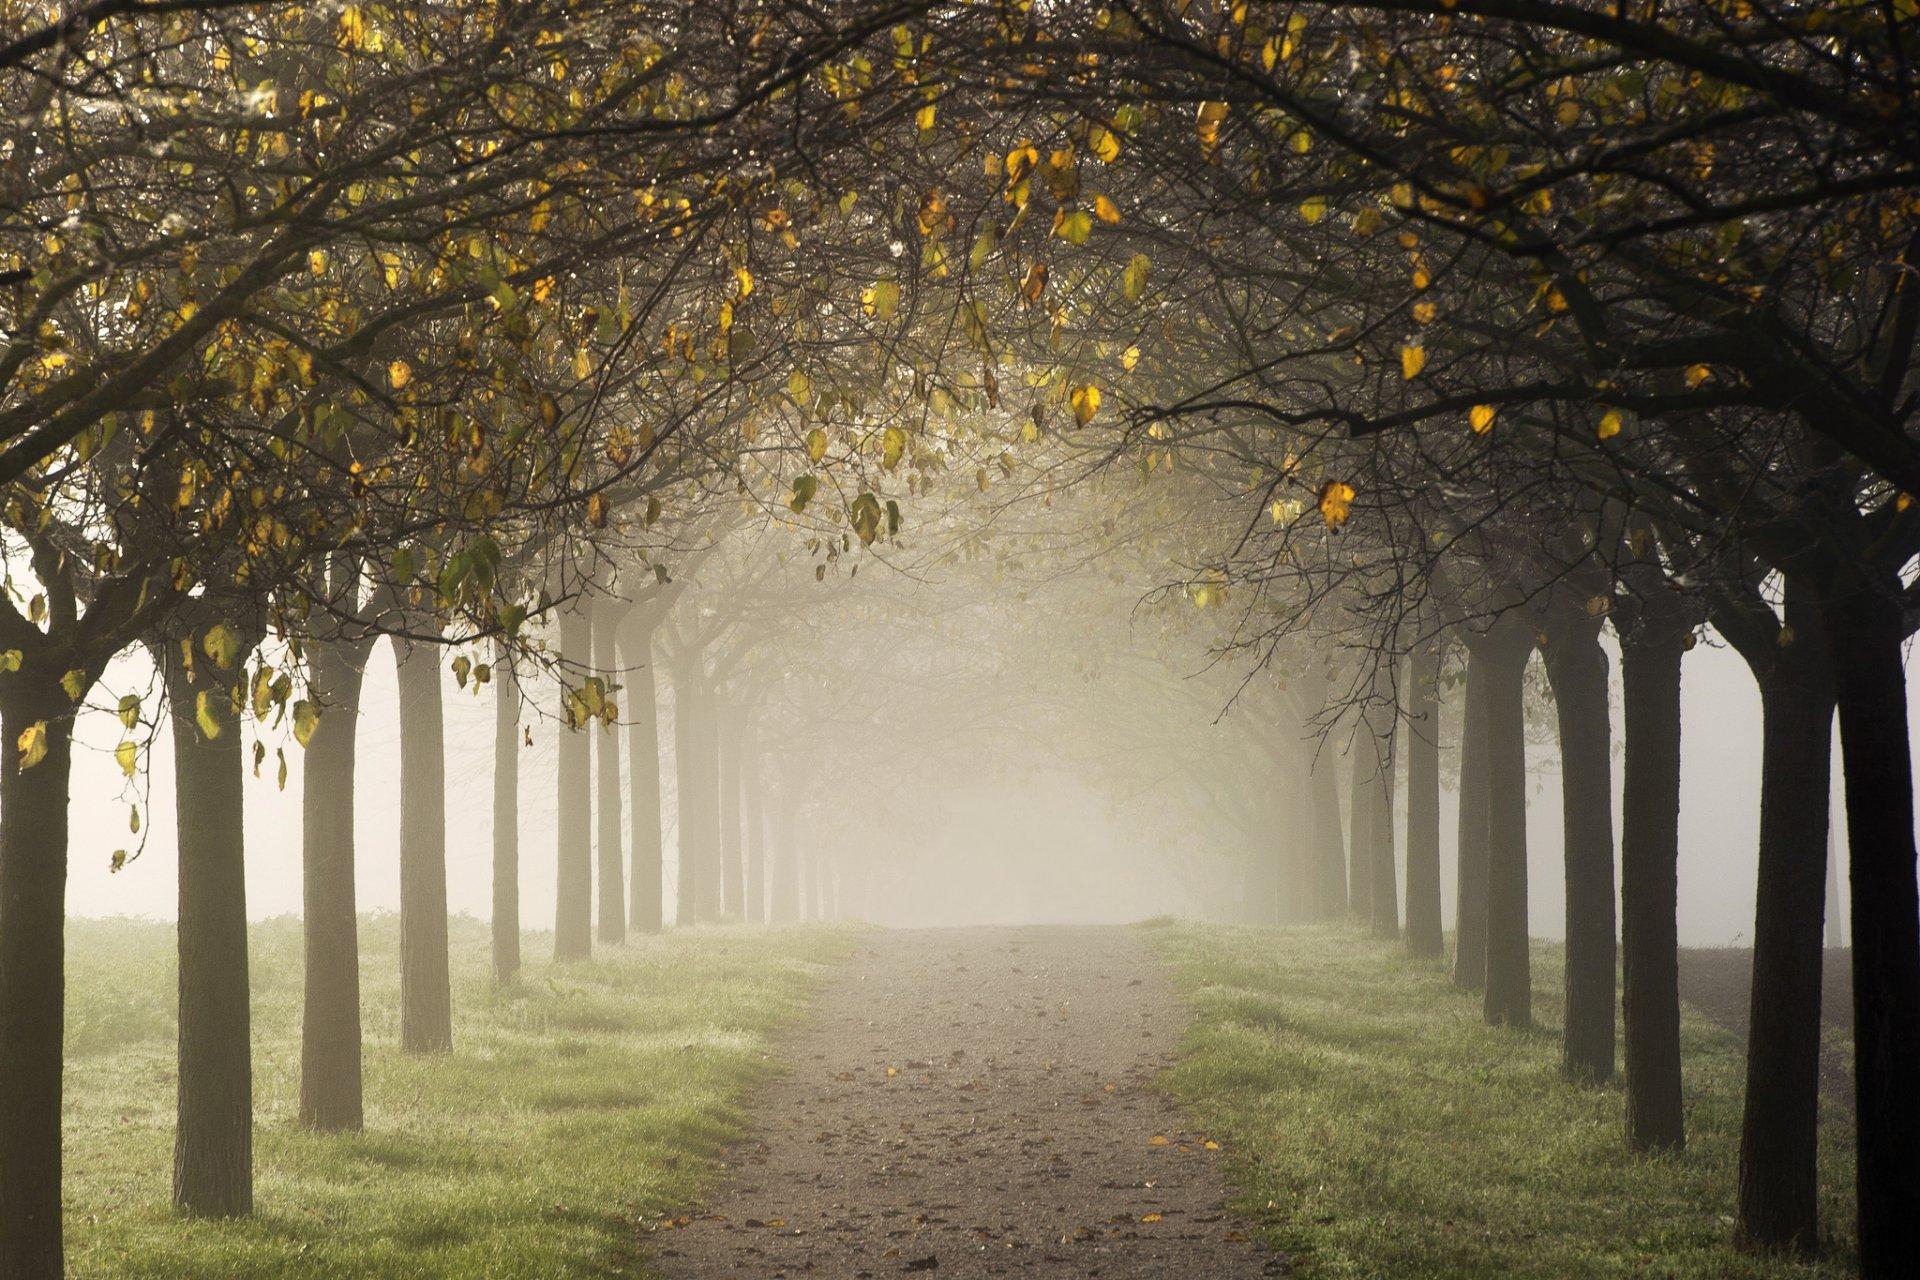 фотообои на стену аллея деревьев у дороги школьные годы мария